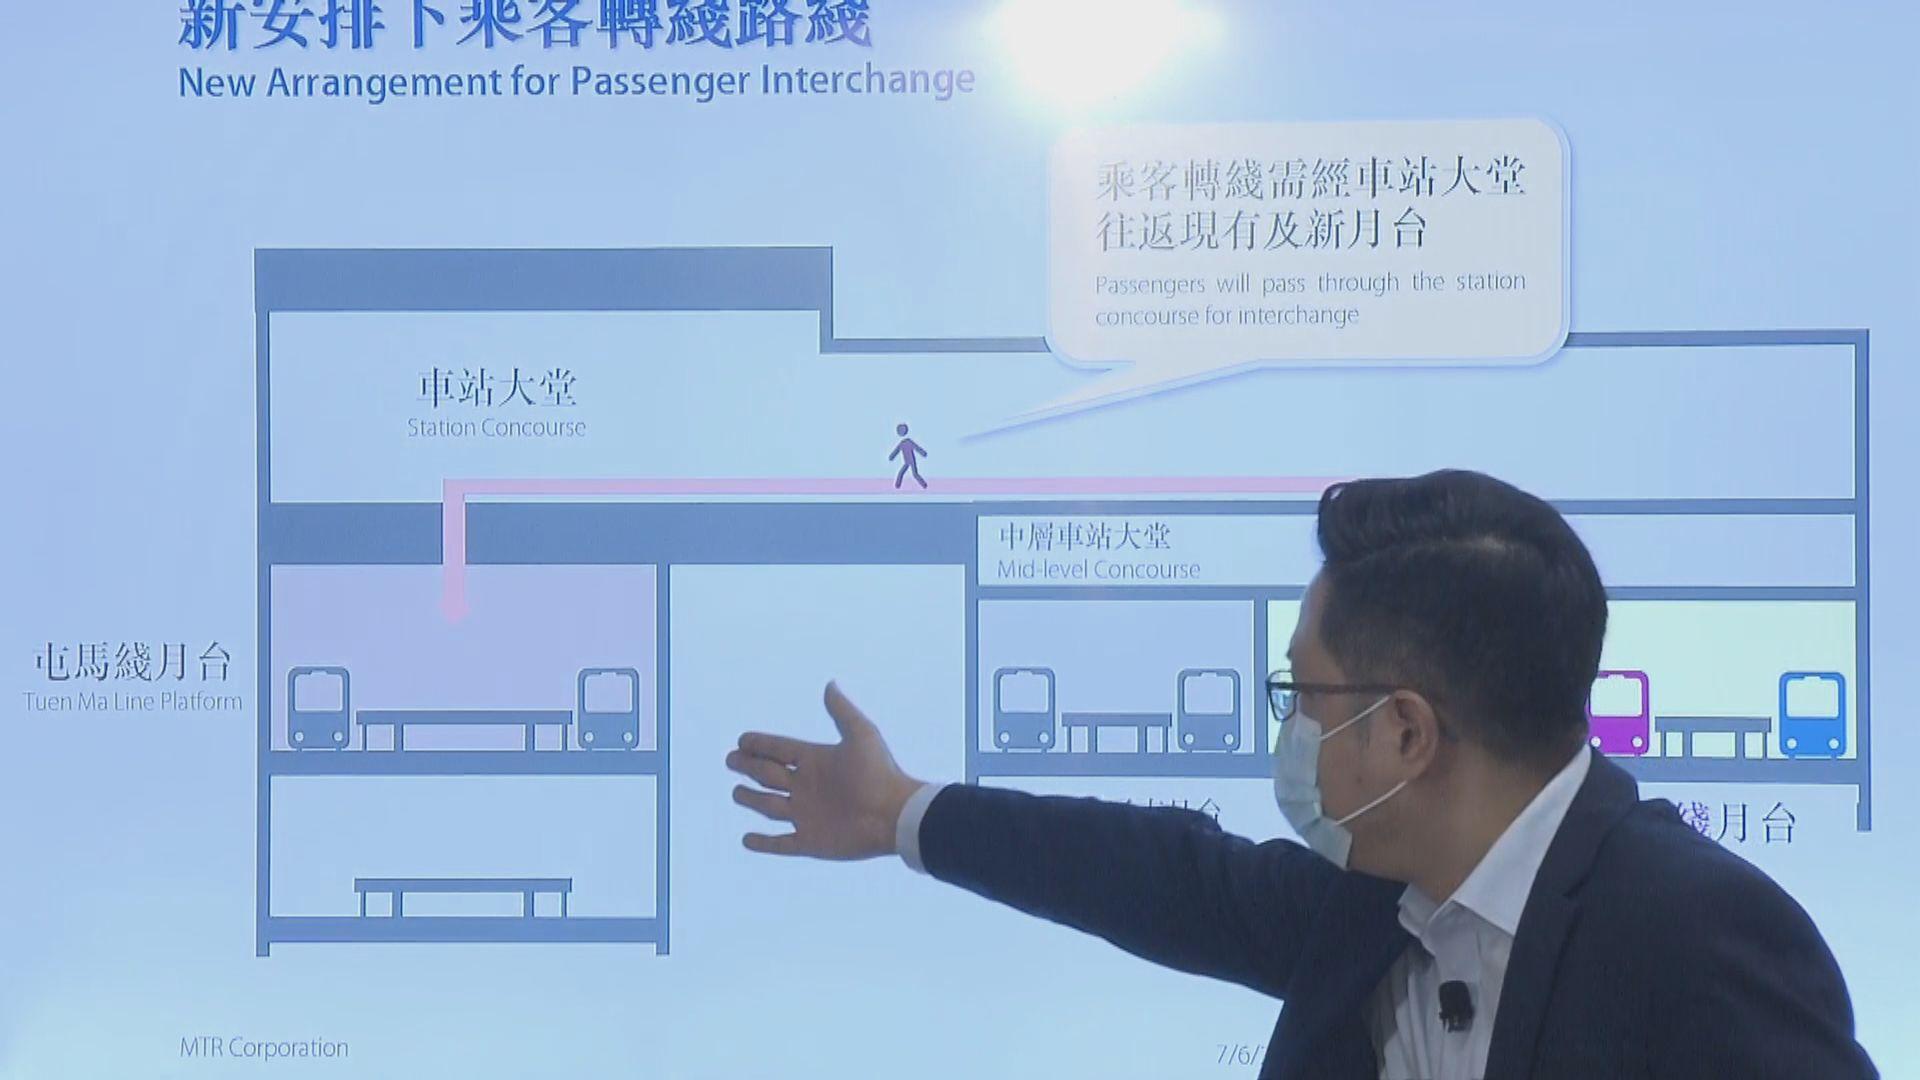 港鐵紅磡站本月20日啟用新月台 配合屯馬綫通車